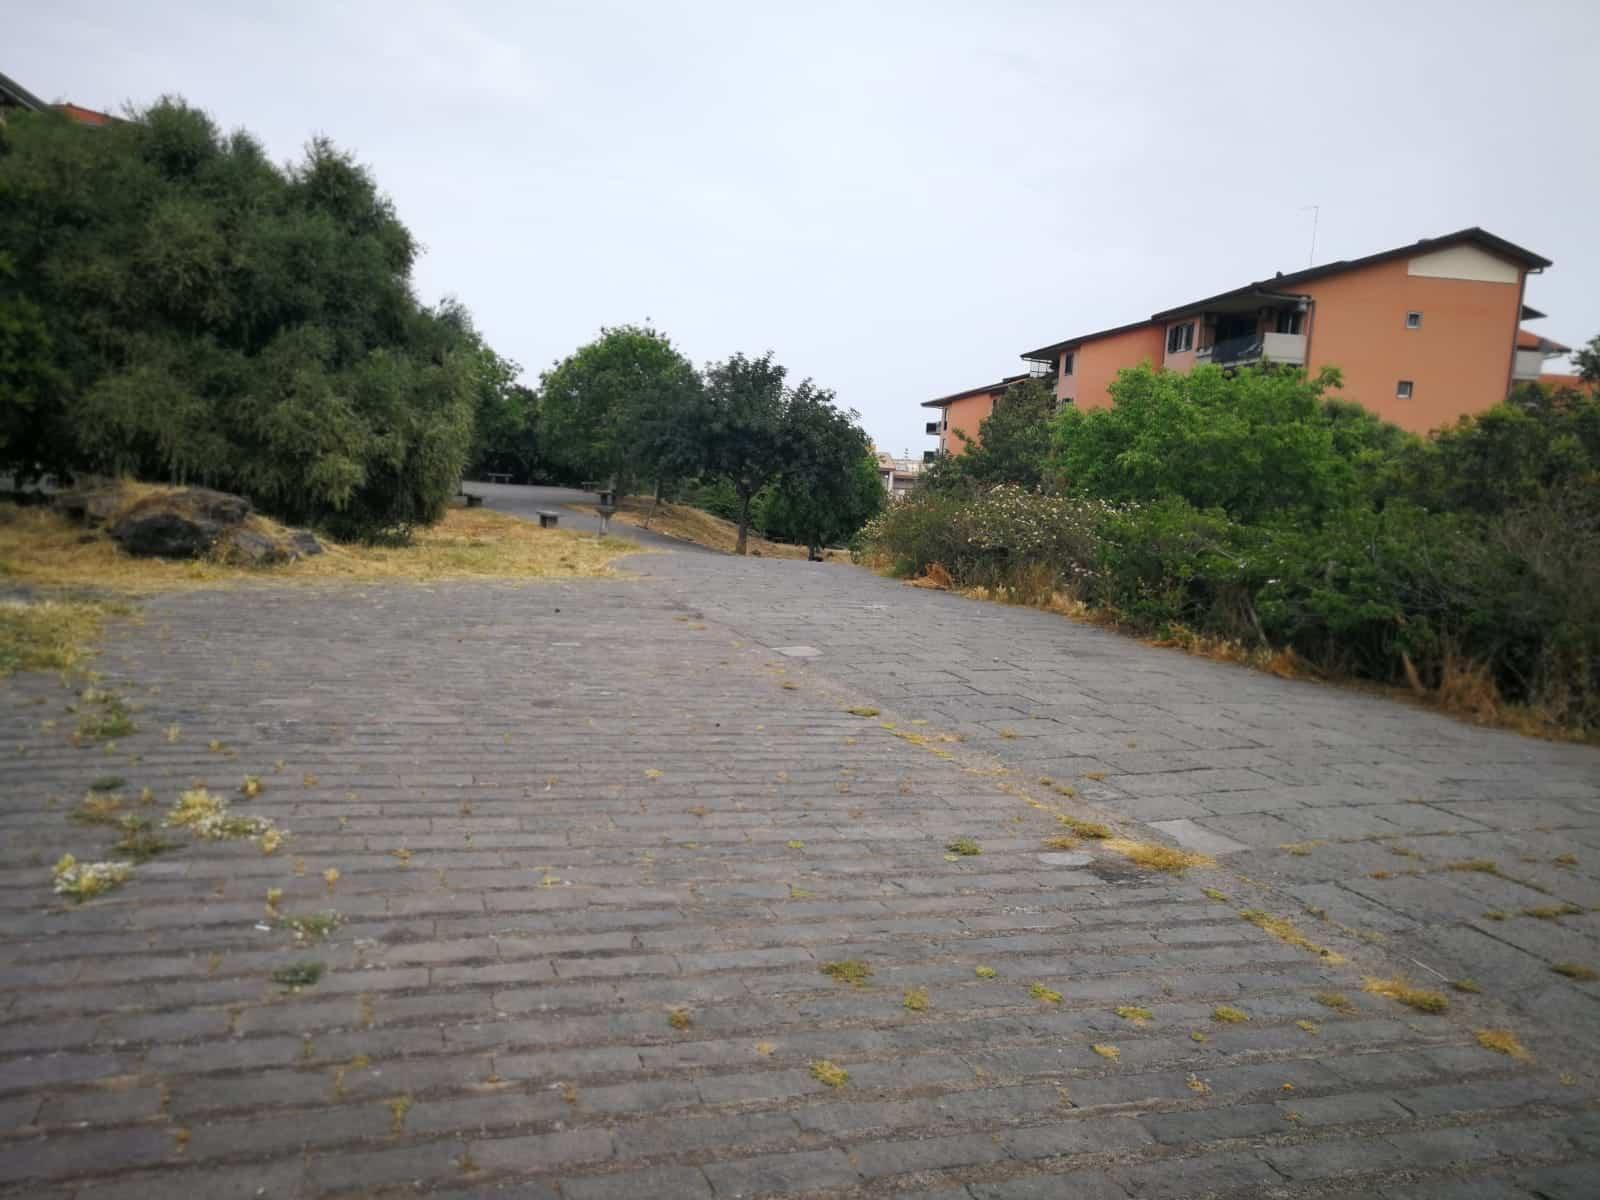 """Catania, le famiglie si """"riprendono"""" gli spazi verdi: Presidente Buceti chiede riqualifica Parco degli Ulivi"""